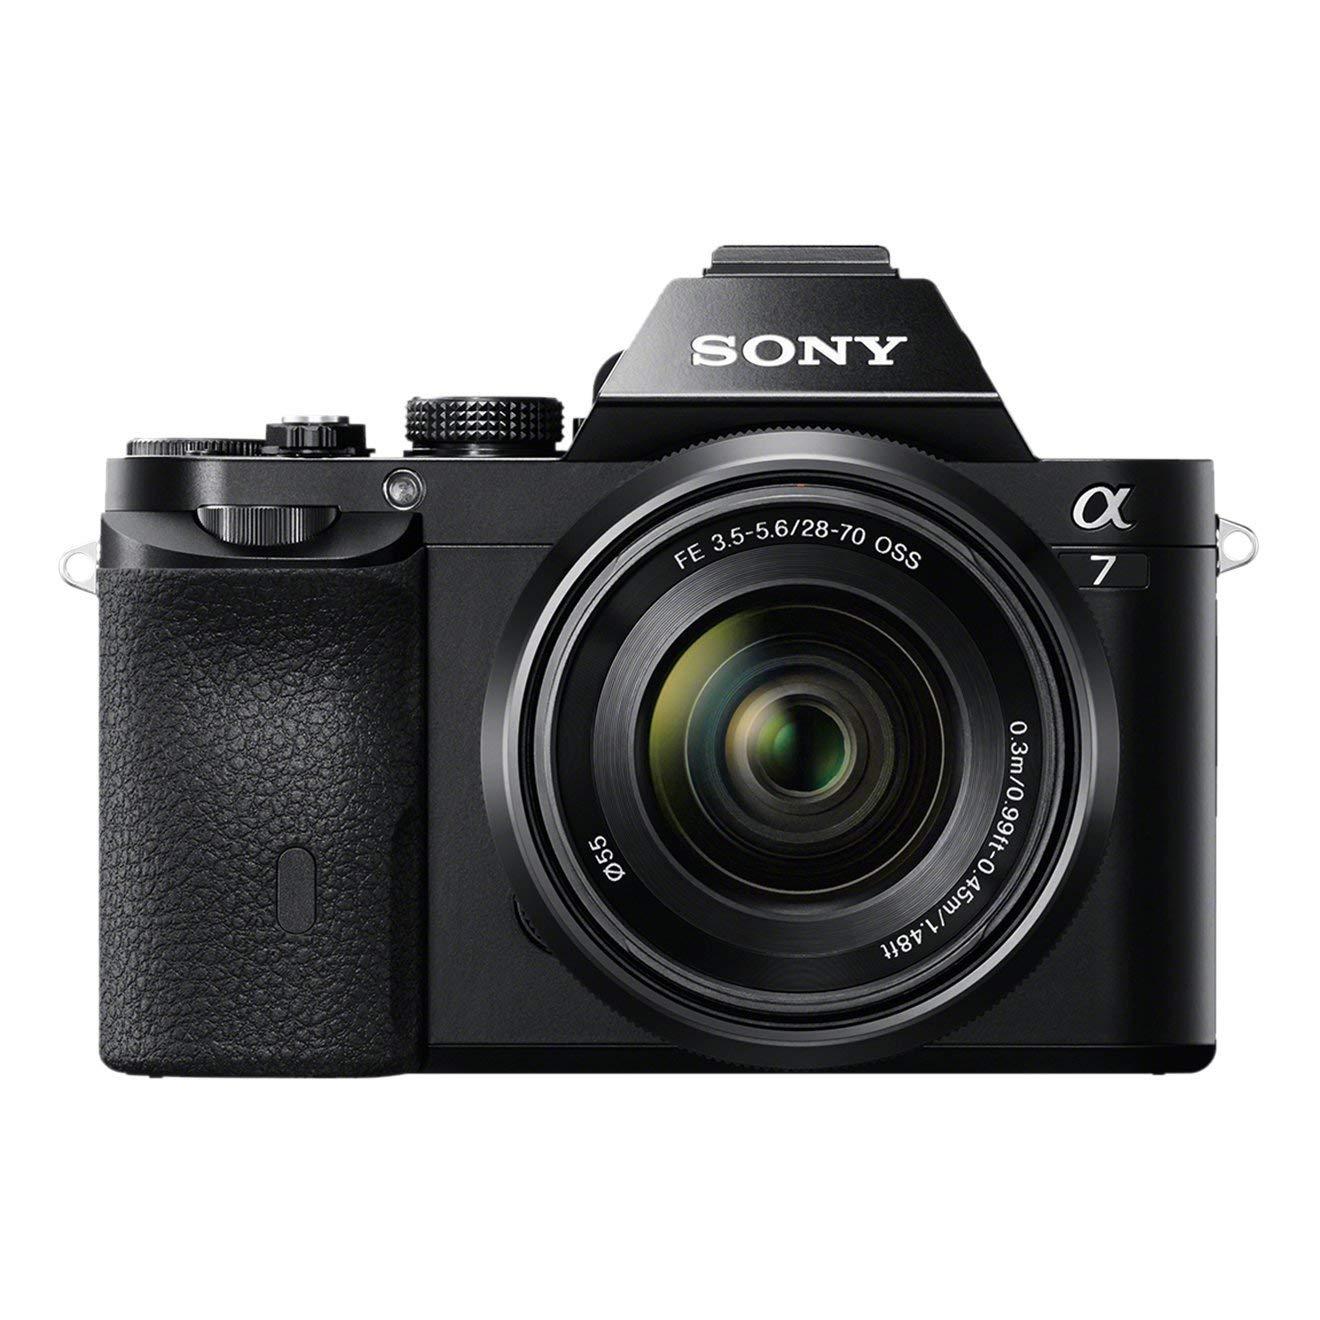 Sony Alpha 7K Kit Camara de Fotos Digital Mirrorless Full-Frame